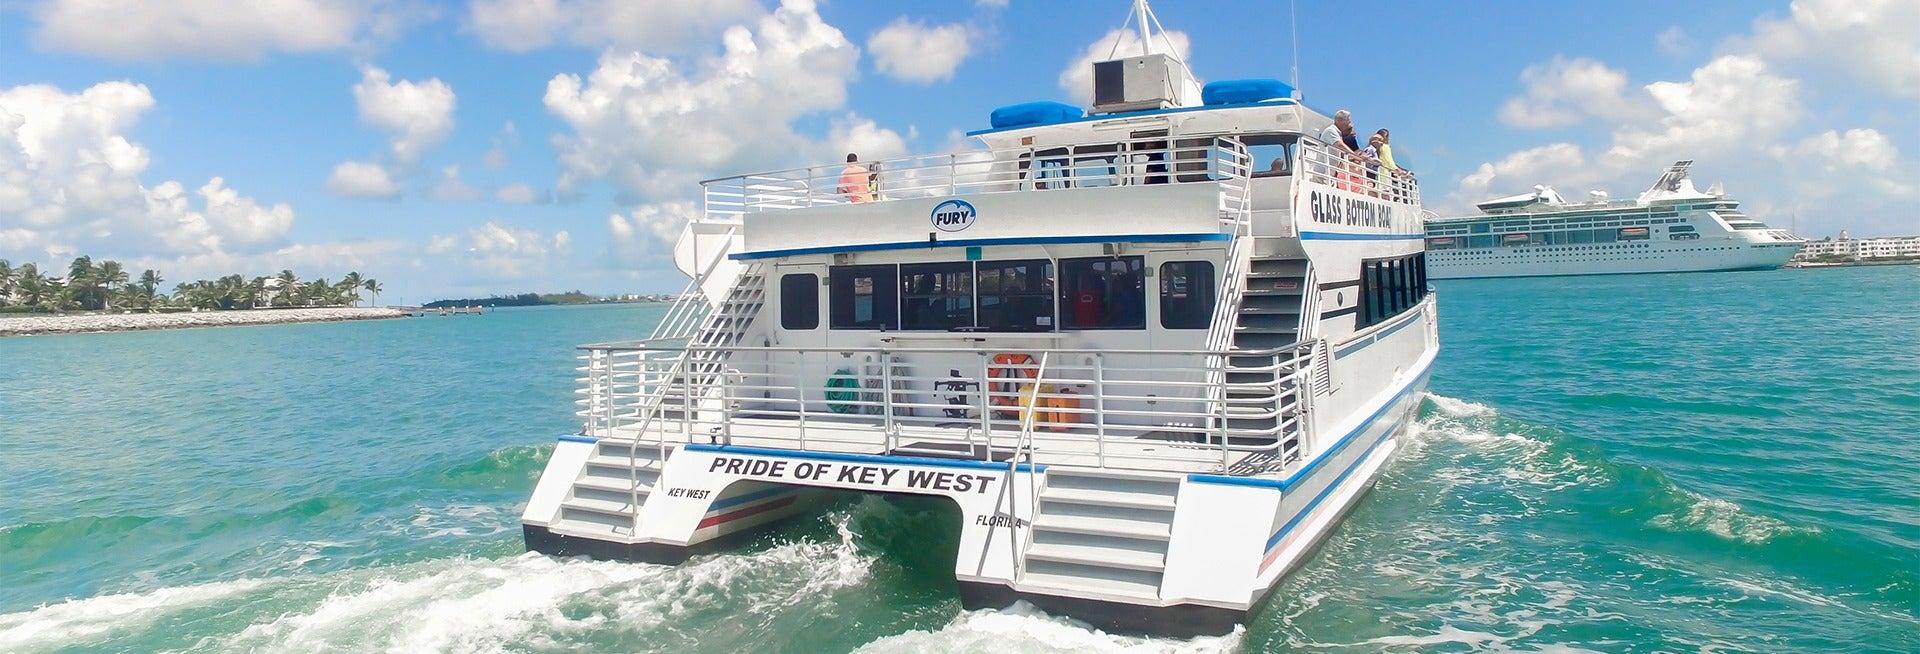 Passeio de barco com chão de vidro